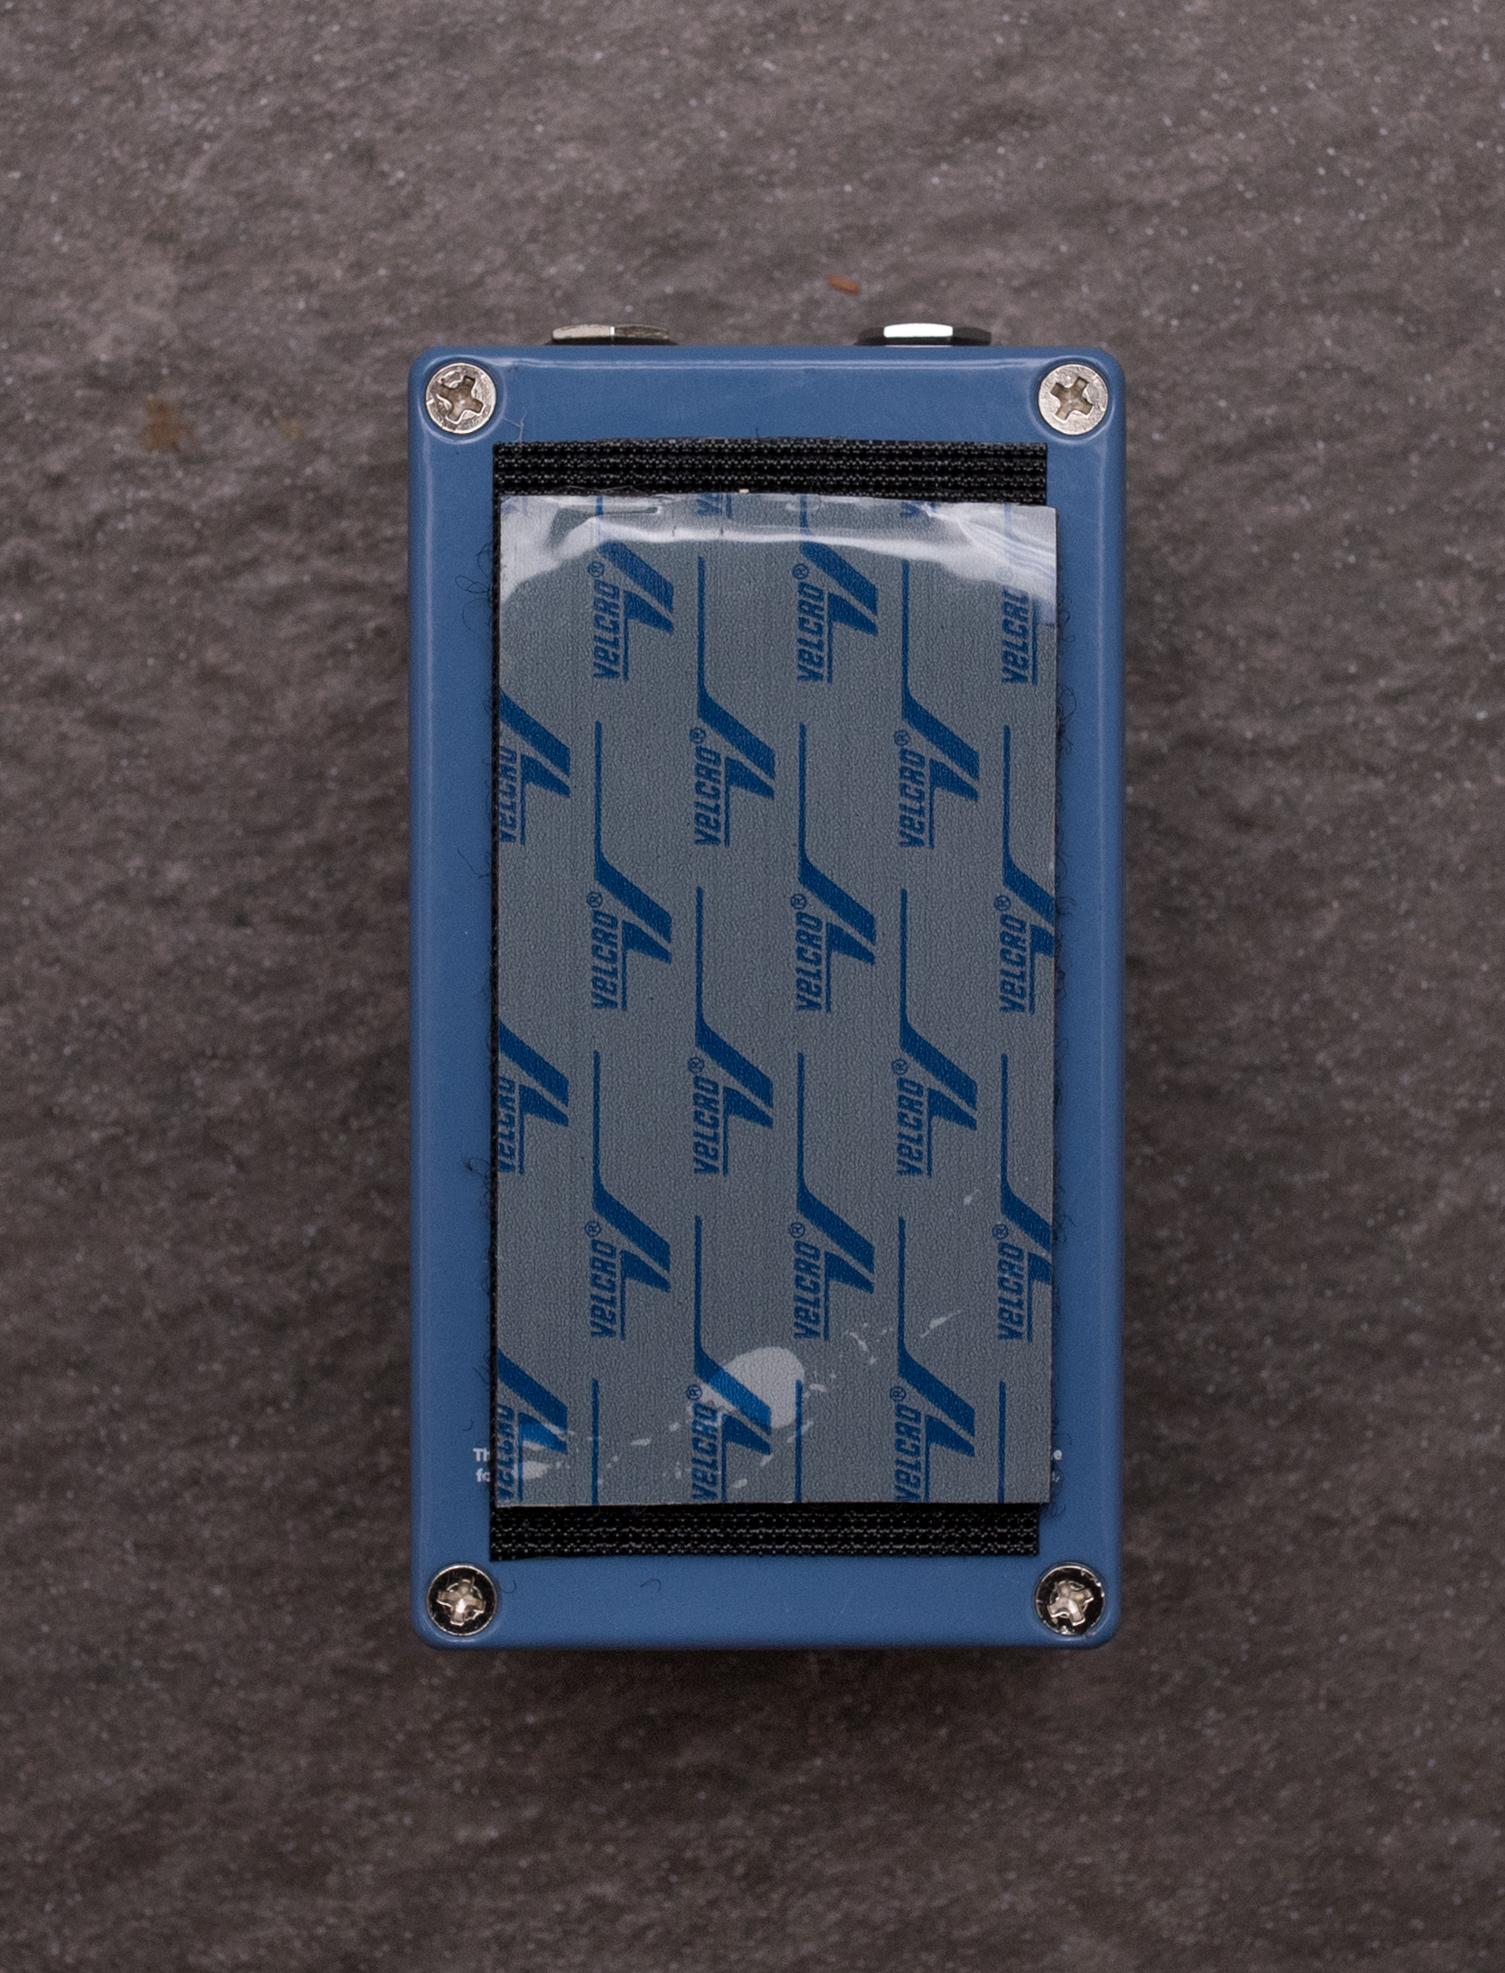 Velcro example part 2